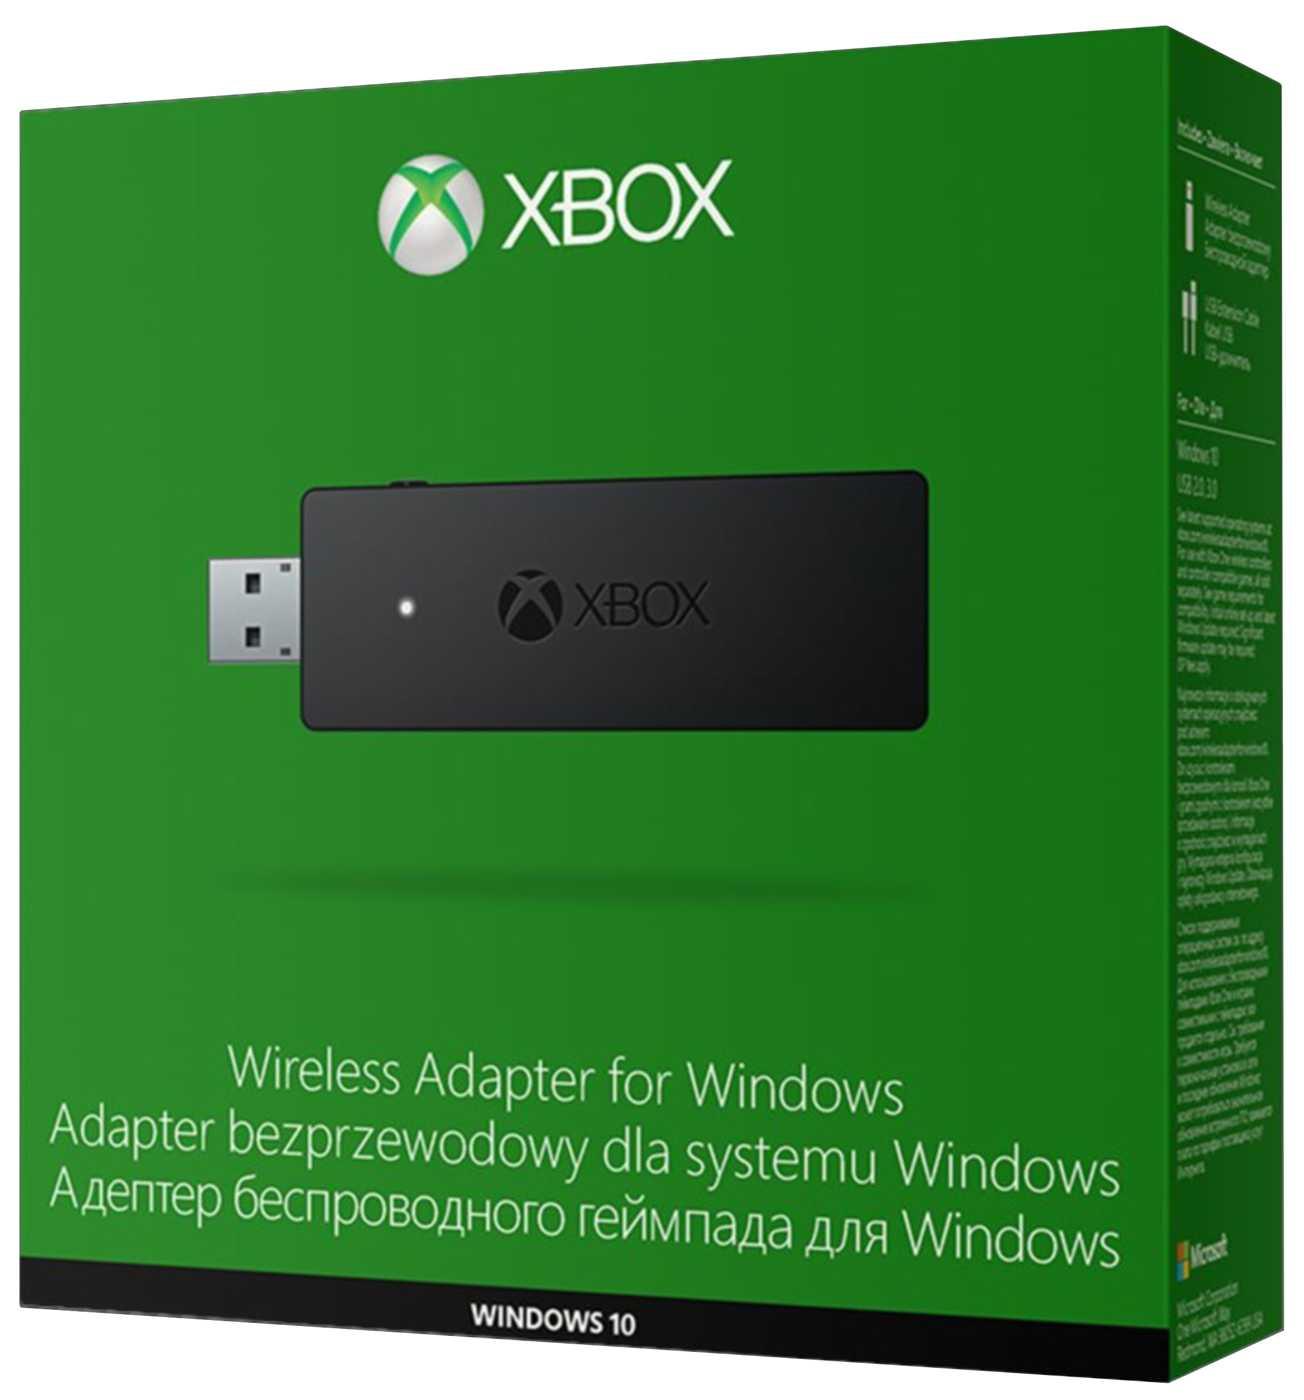 XBOX ONE - Bezdrátový adaptér pro připojení Xbox ONE ovladače k zařízení s Windo